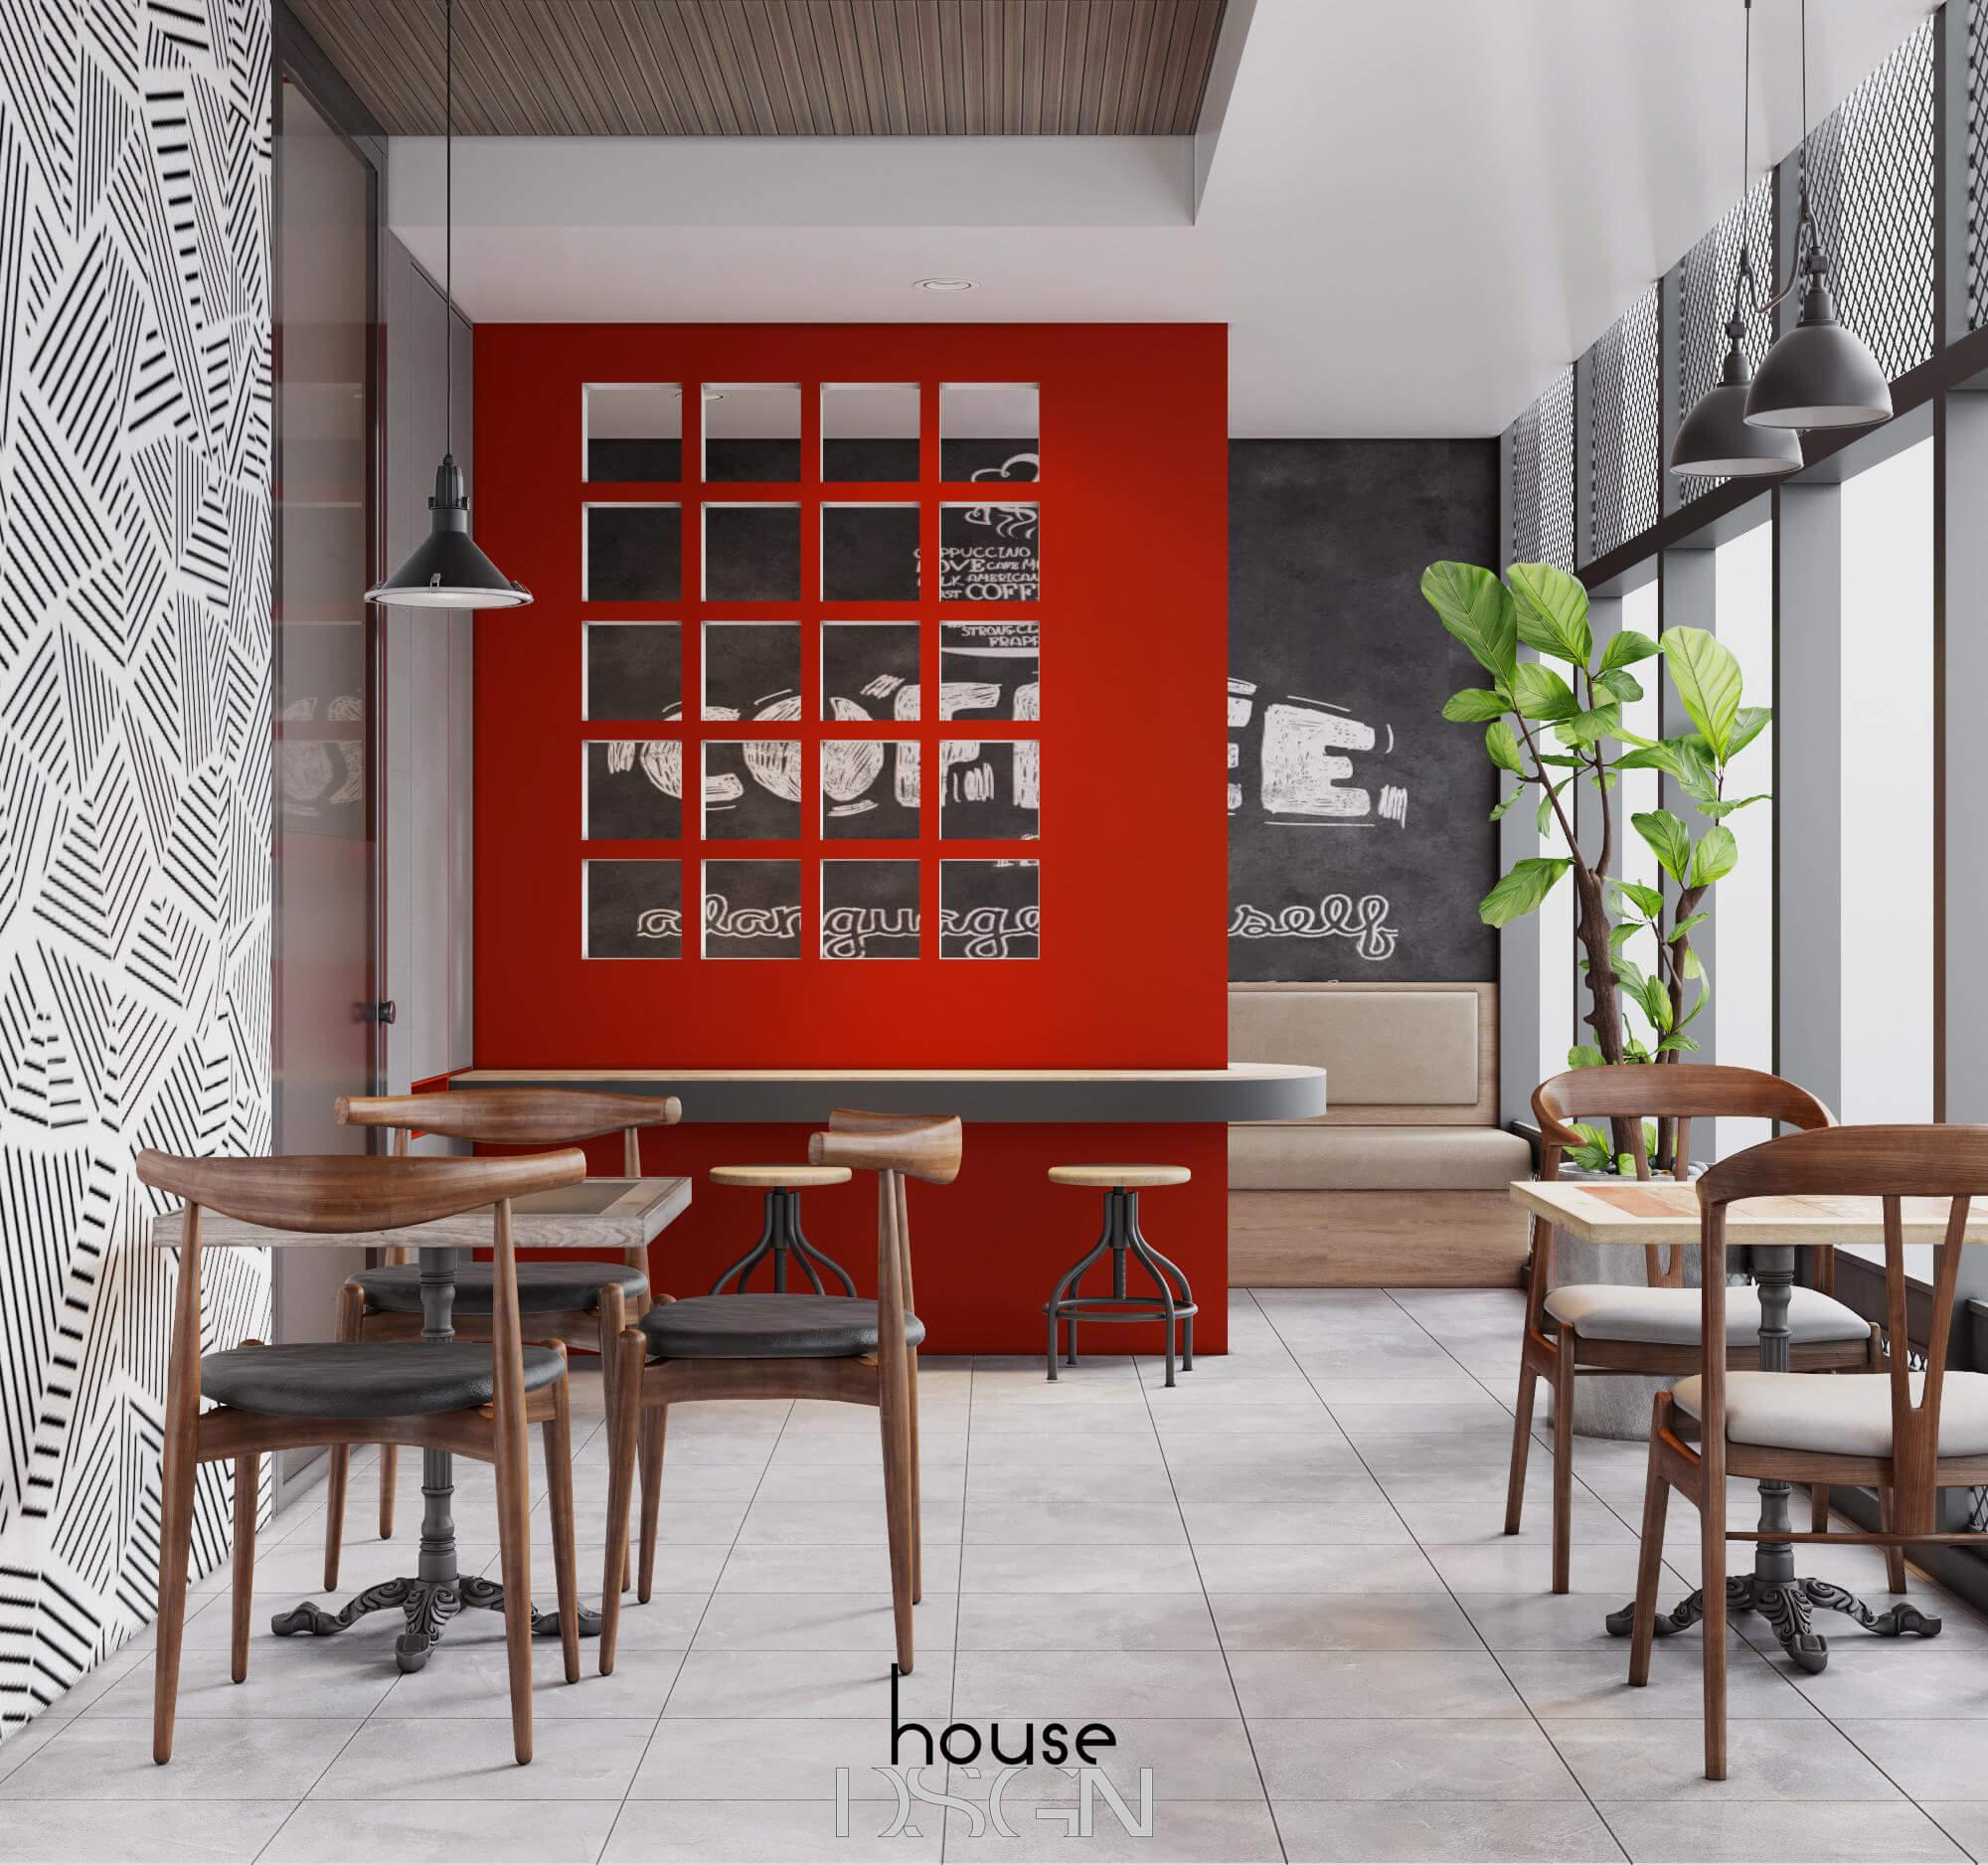 mẫu thiết kế nội thất văn phòng giá rẻ và đẹp